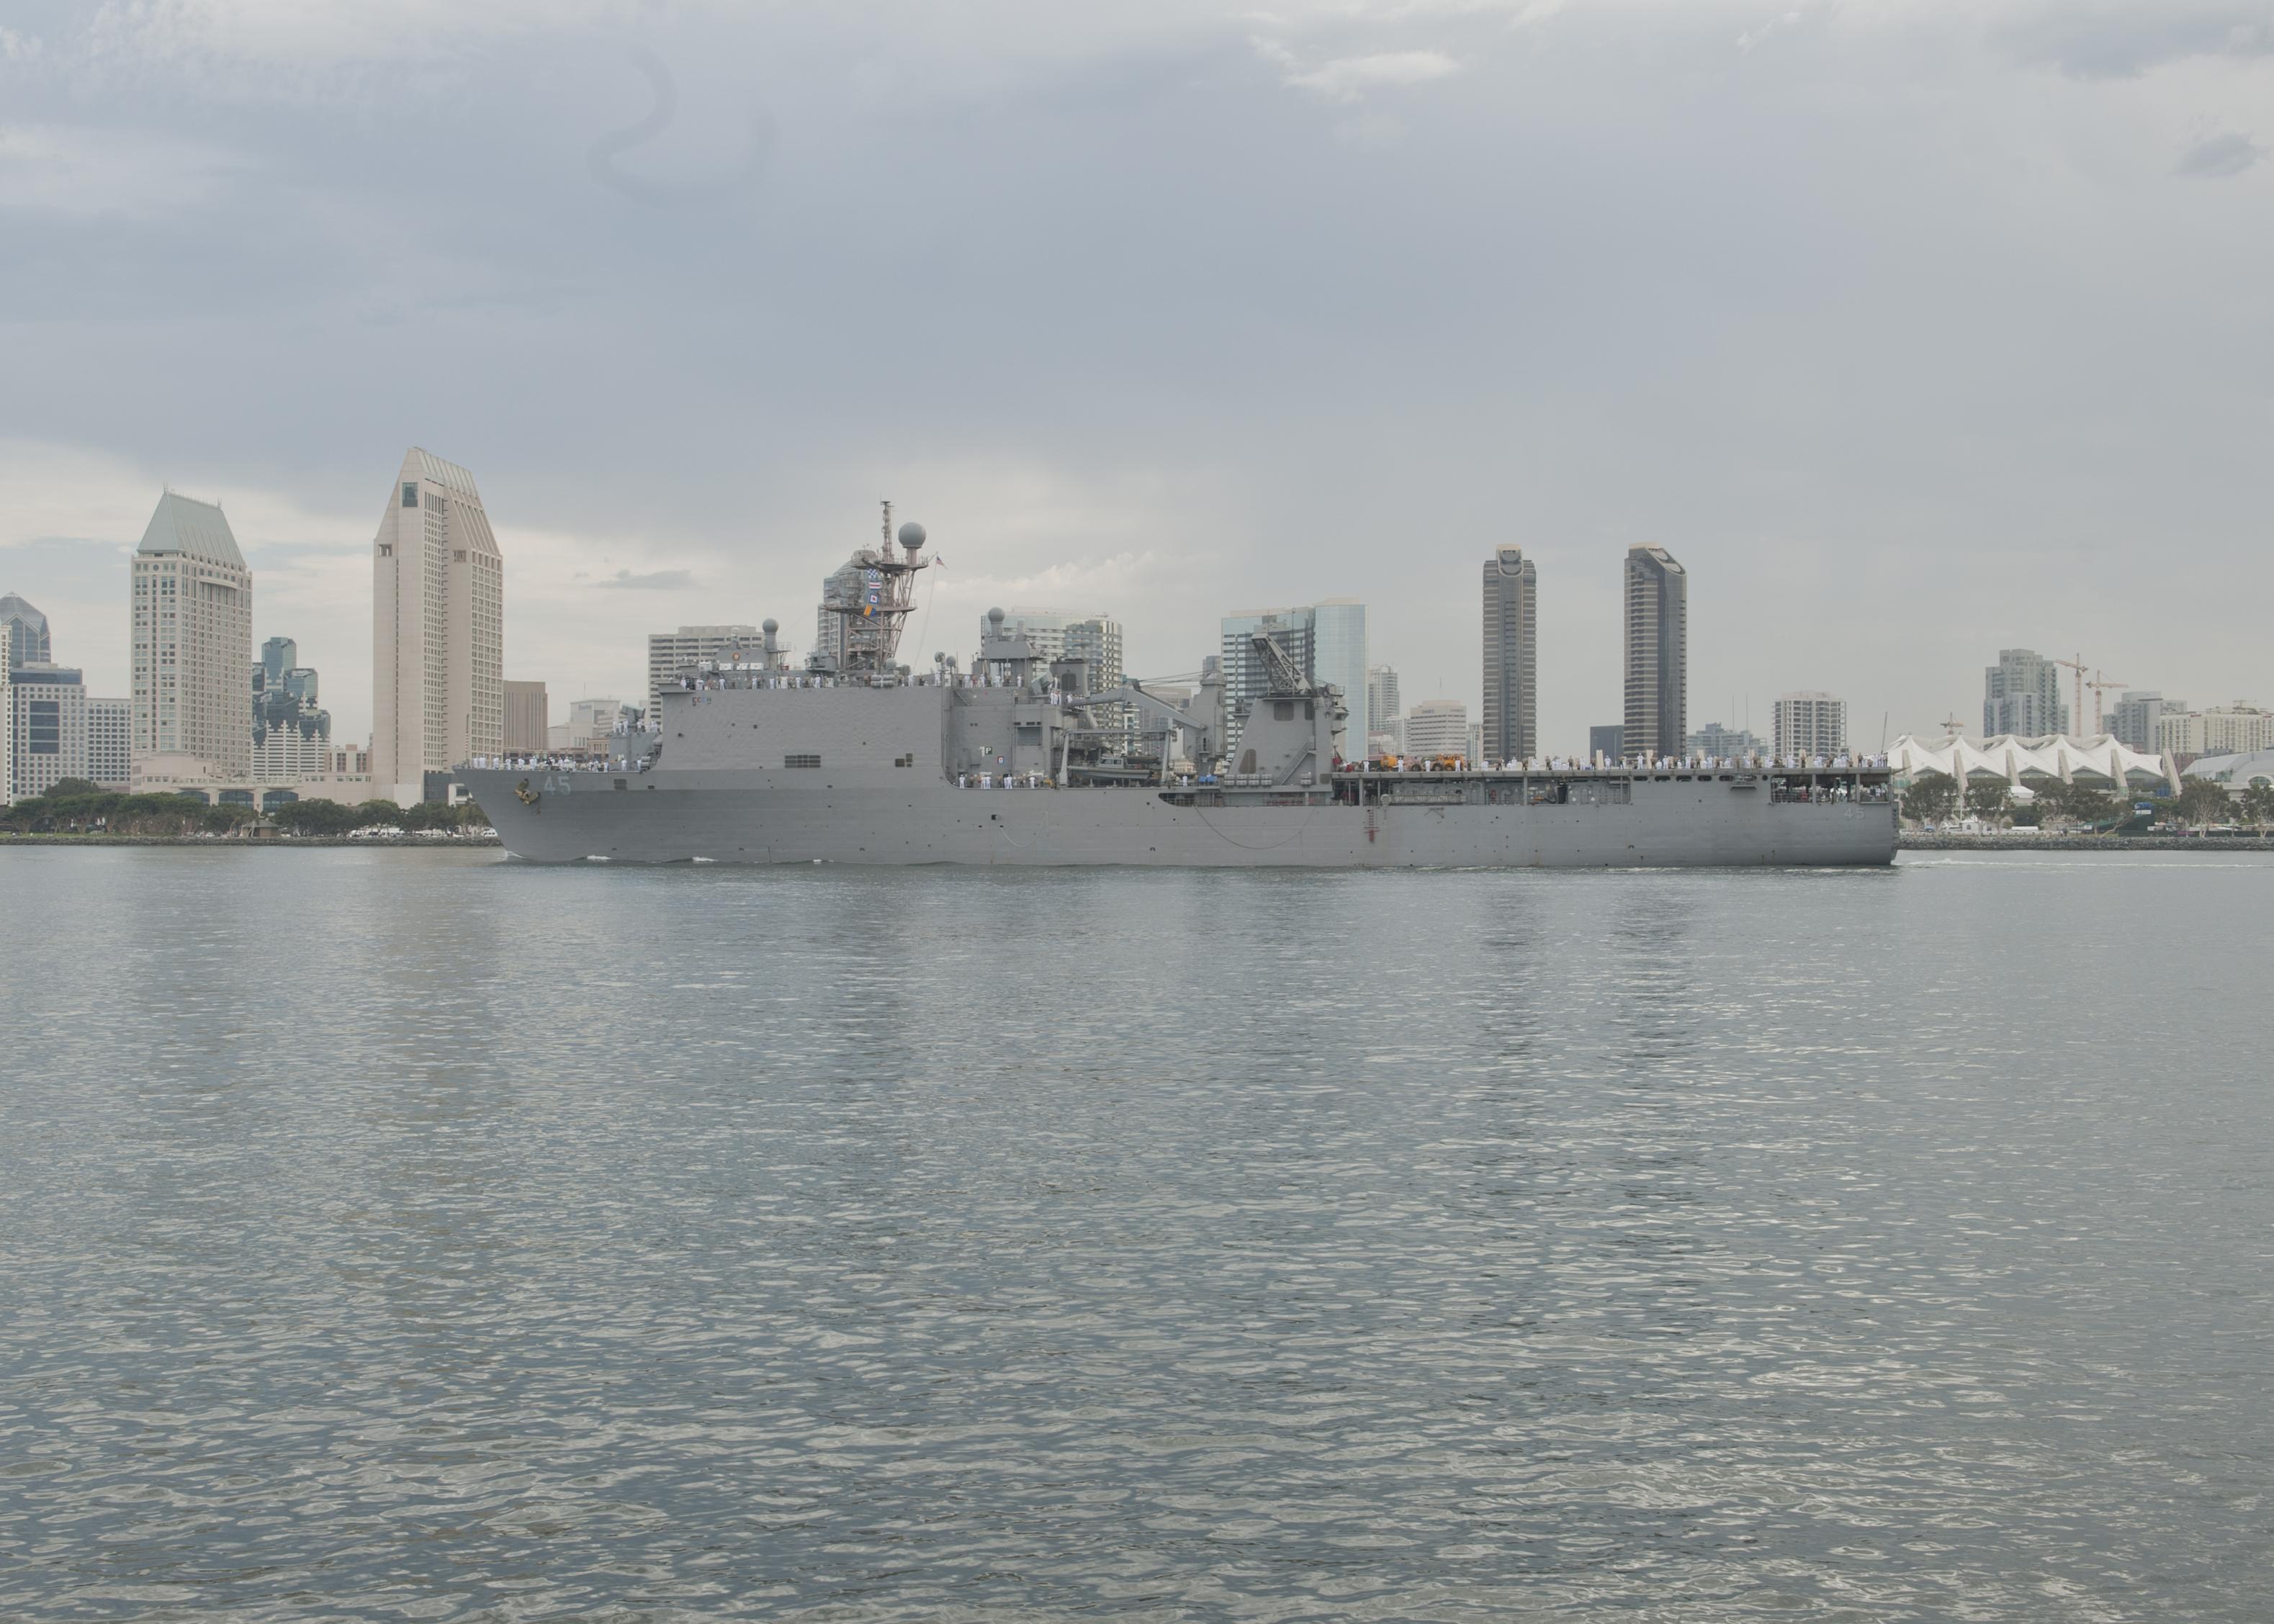 USS COMSTOCK LSD-45 Auslaufen San Diego am 25.07.2014 Bild: U.S. Navy